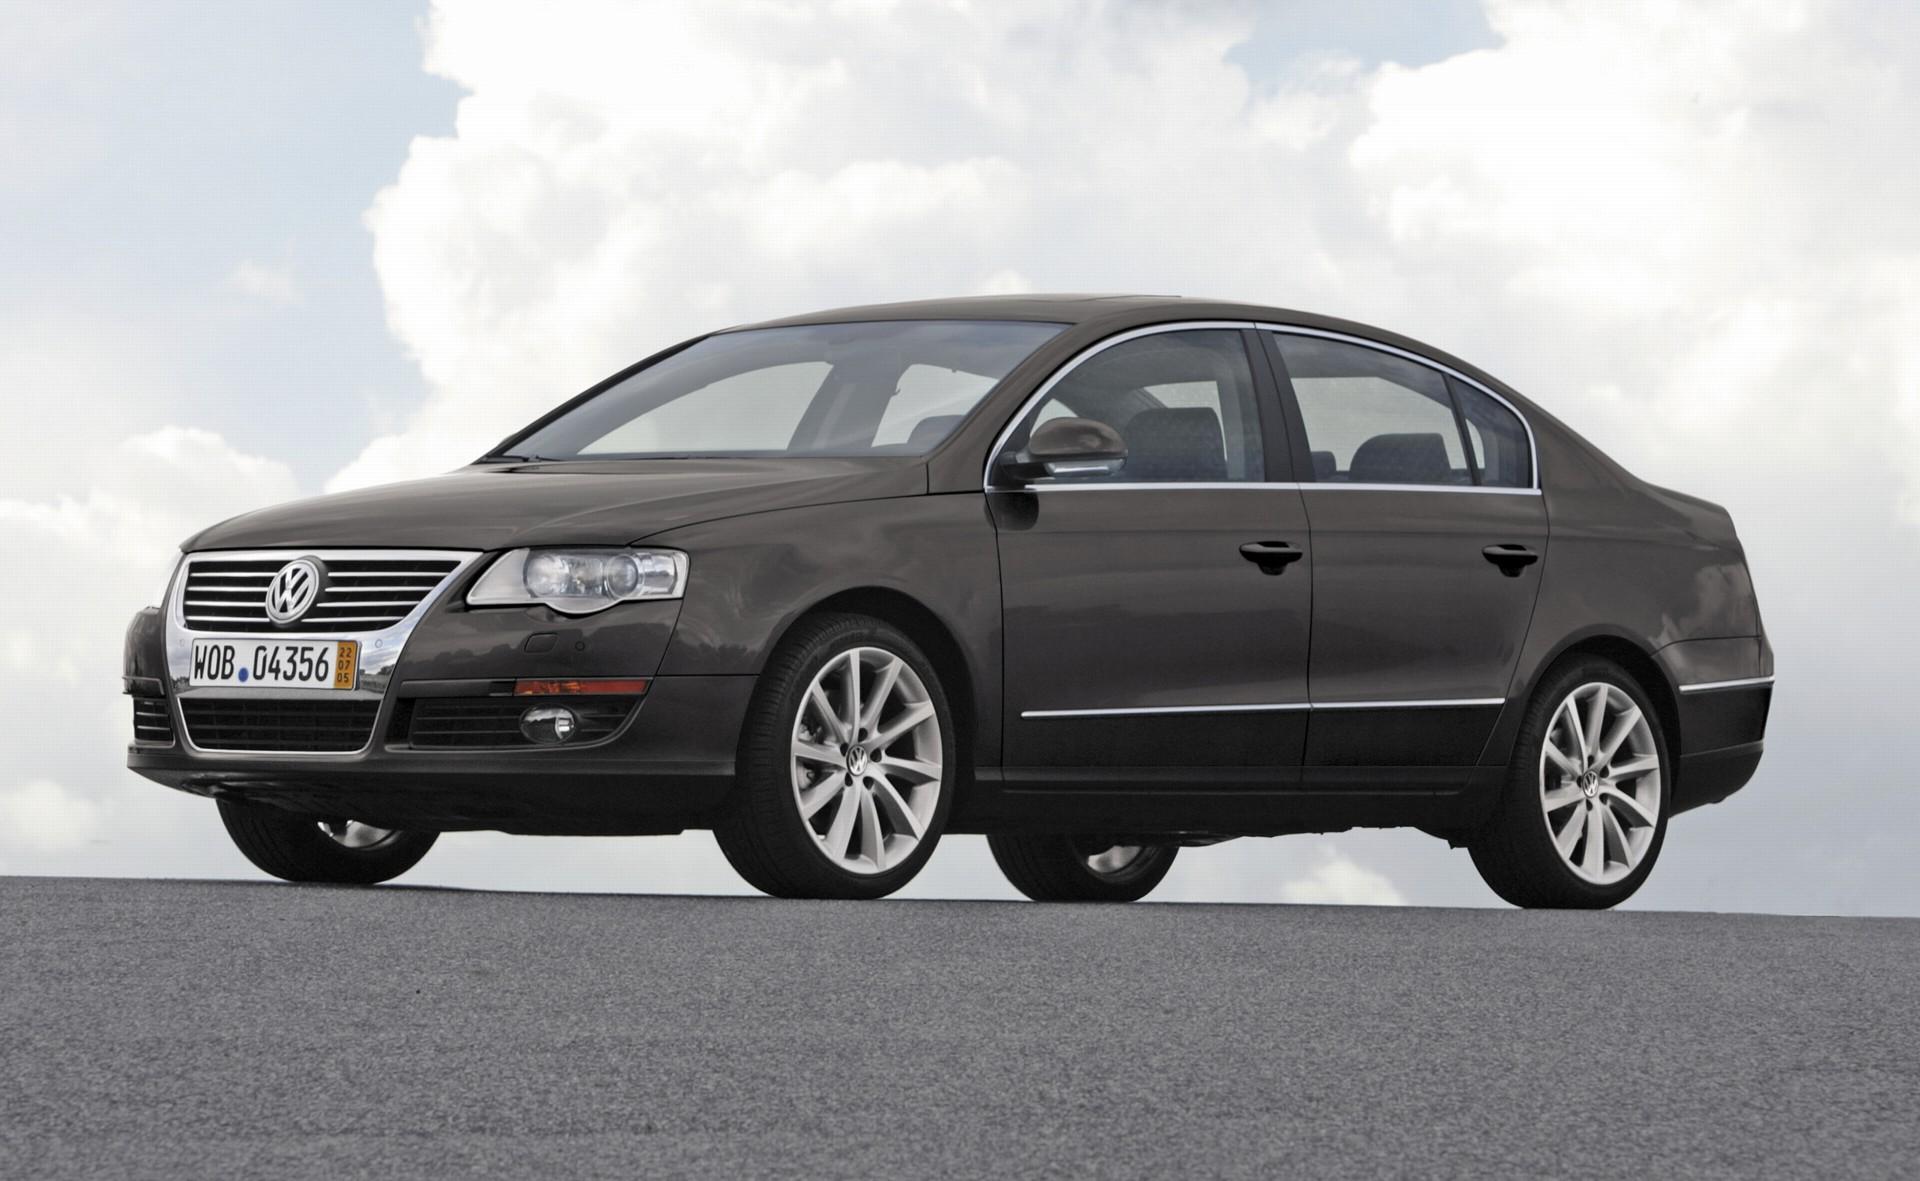 2007 Volkswagen Passat Image Https Www Conceptcarz Com